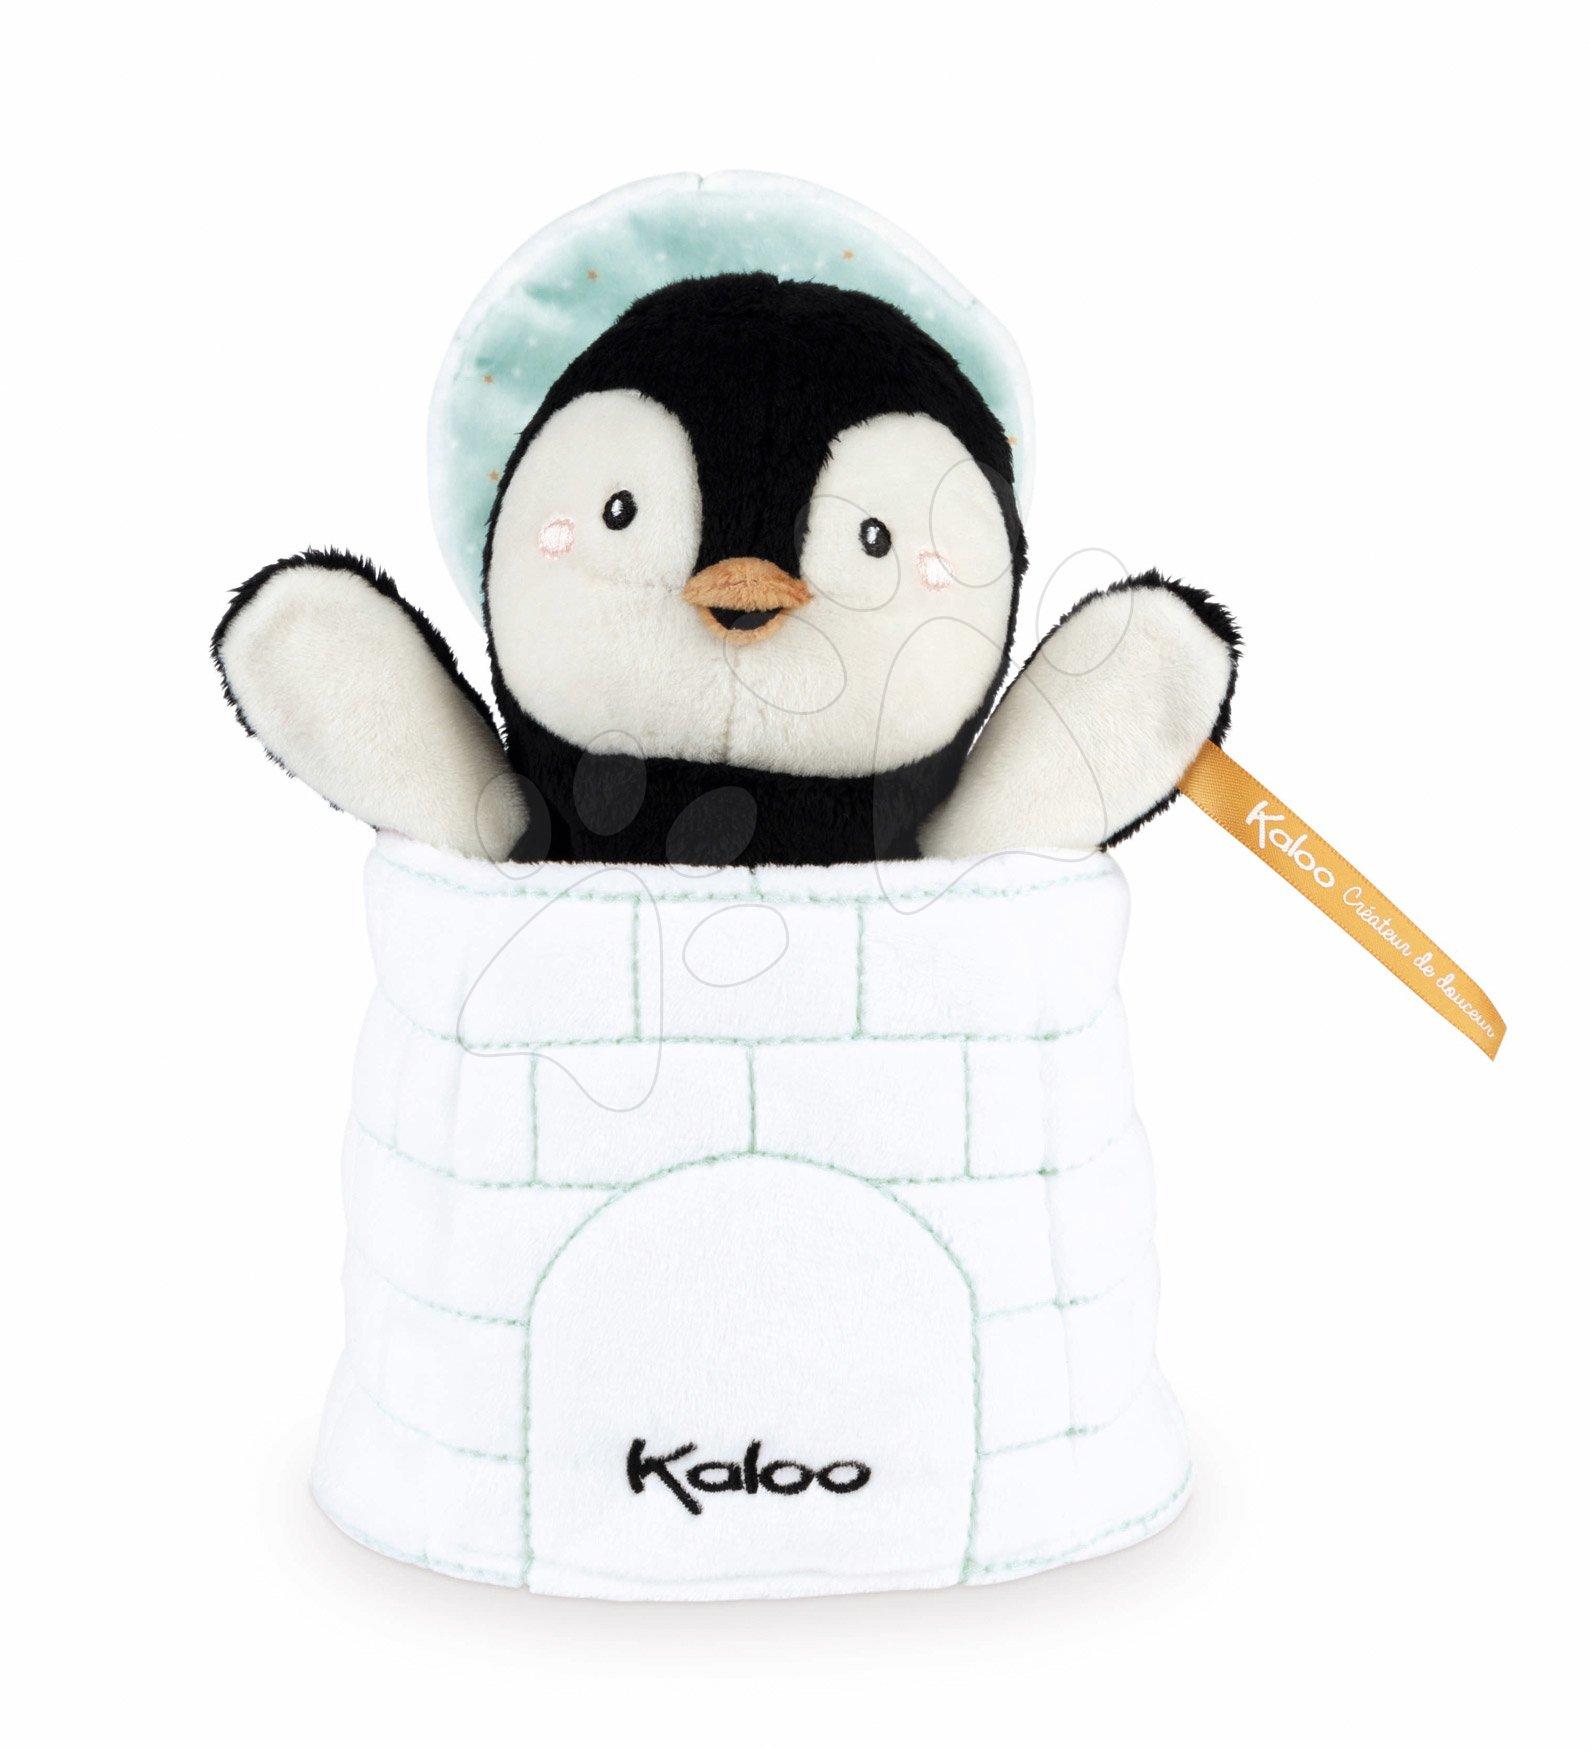 Plyšový tučniak bábkové divadlo Gabin Penguin Kachoo Kaloo prekvapenie v iglú 25 cm pre najmenších od 0 mes